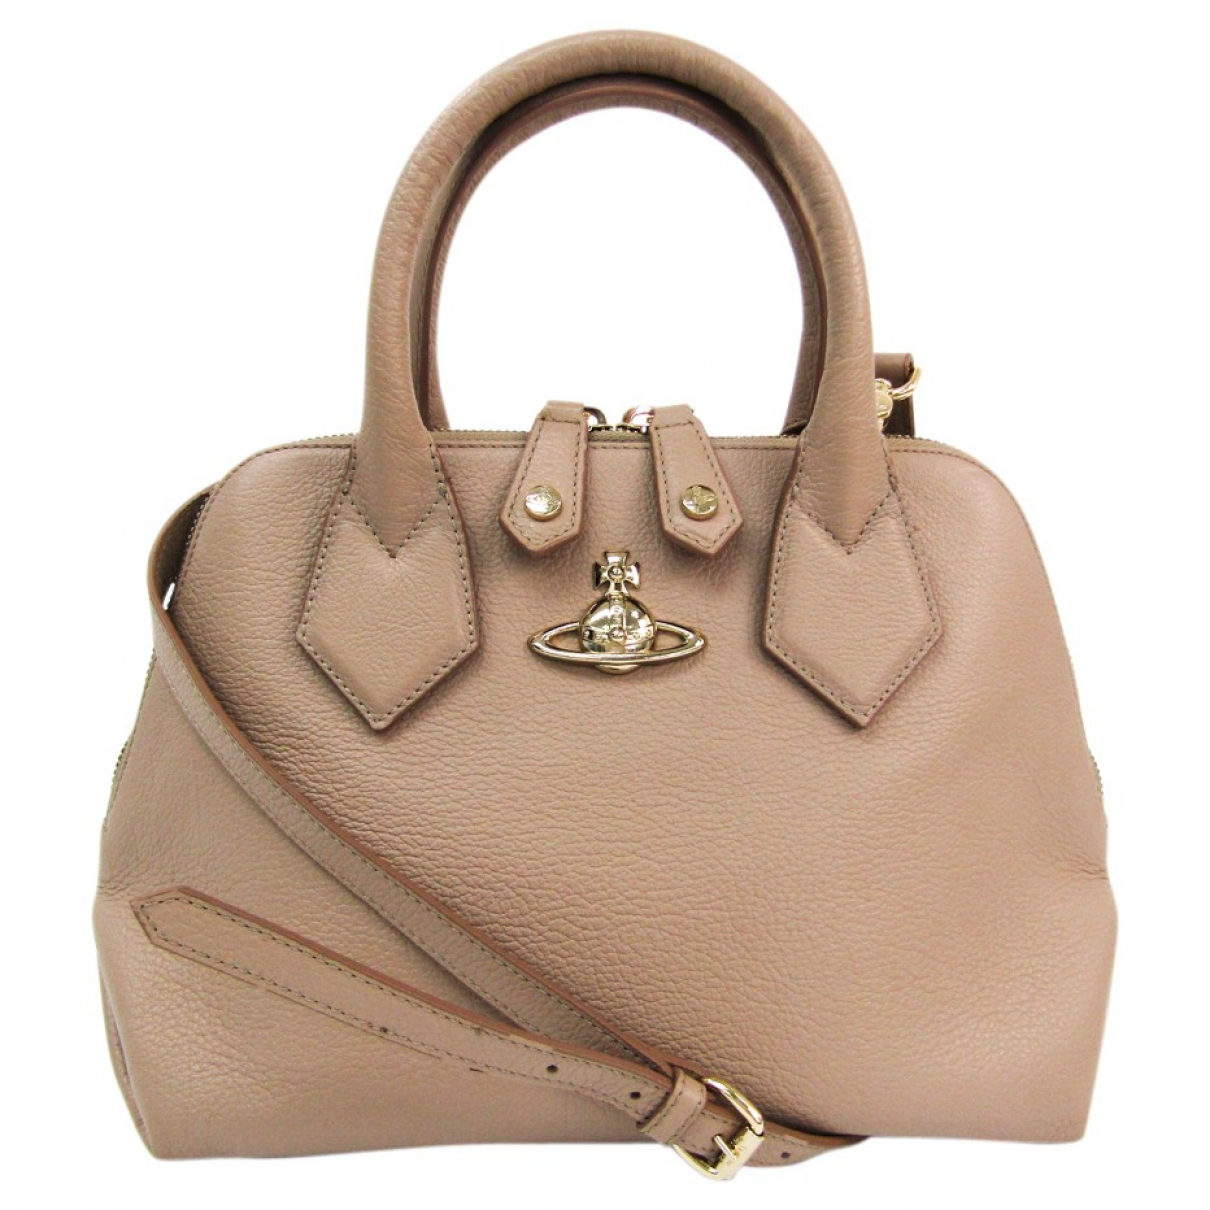 Vivienne Westwood N Beige Leather handbag for Women N